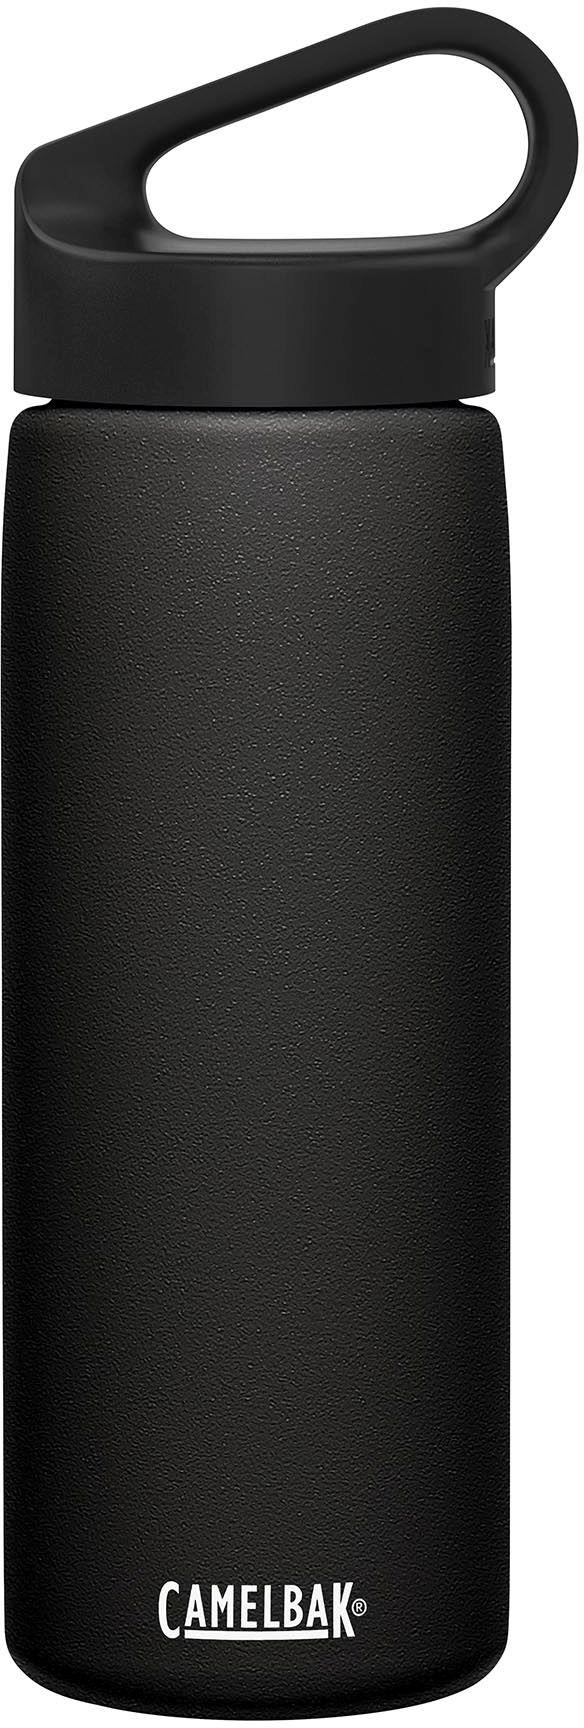 Camelbak Carry Cap Vacuum Stainless 0,6L - Black uni